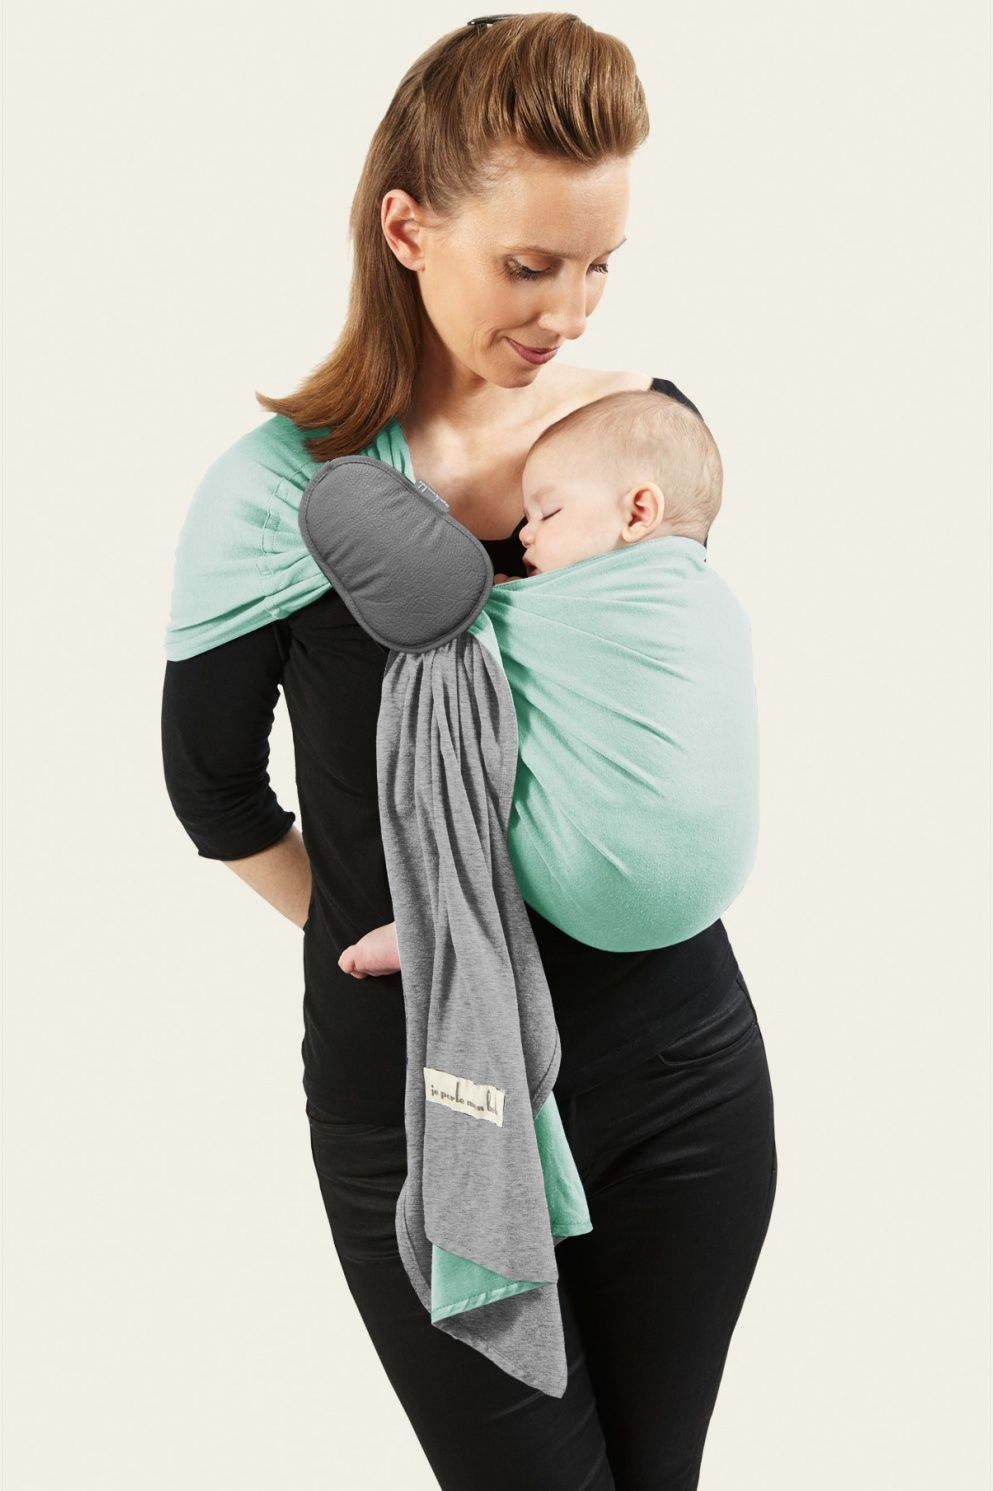 Petite écharpe sans noeud innovante, douce et confortable pour ce porte-bébé  sling crée ab5c696ccdf